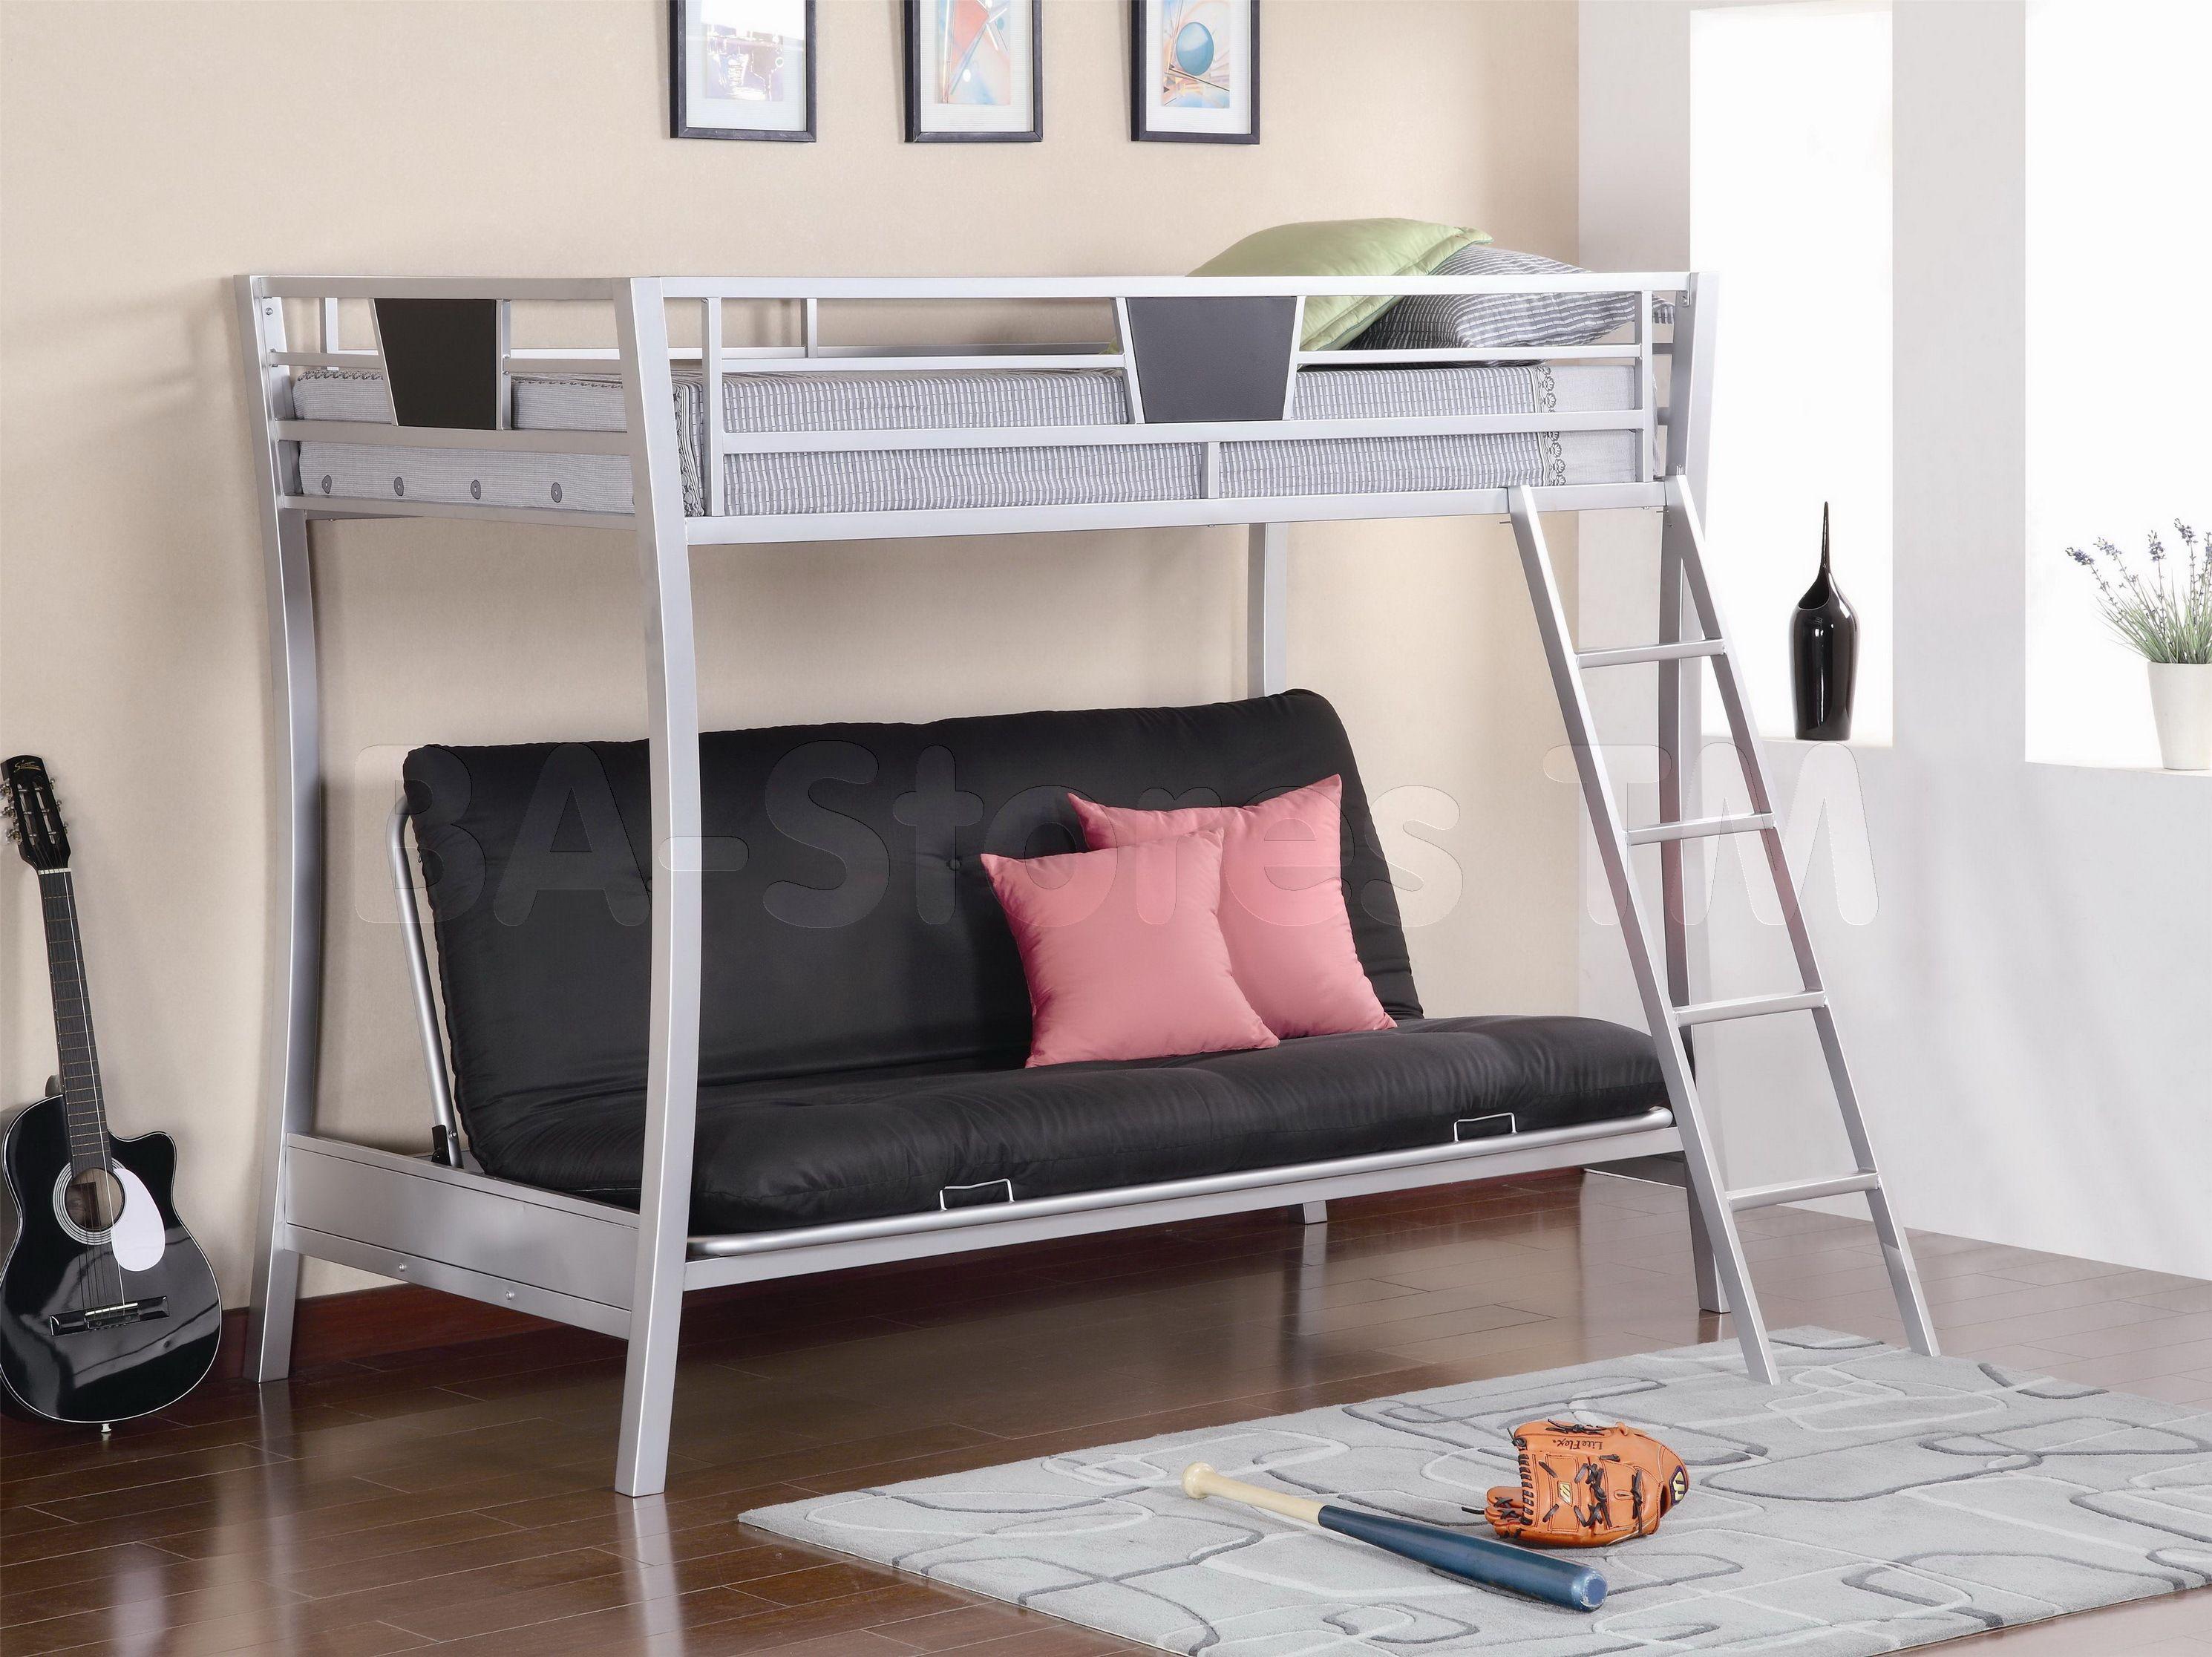 Neuheit Kinder Bett Moderne Etagenbetten Etagenbett